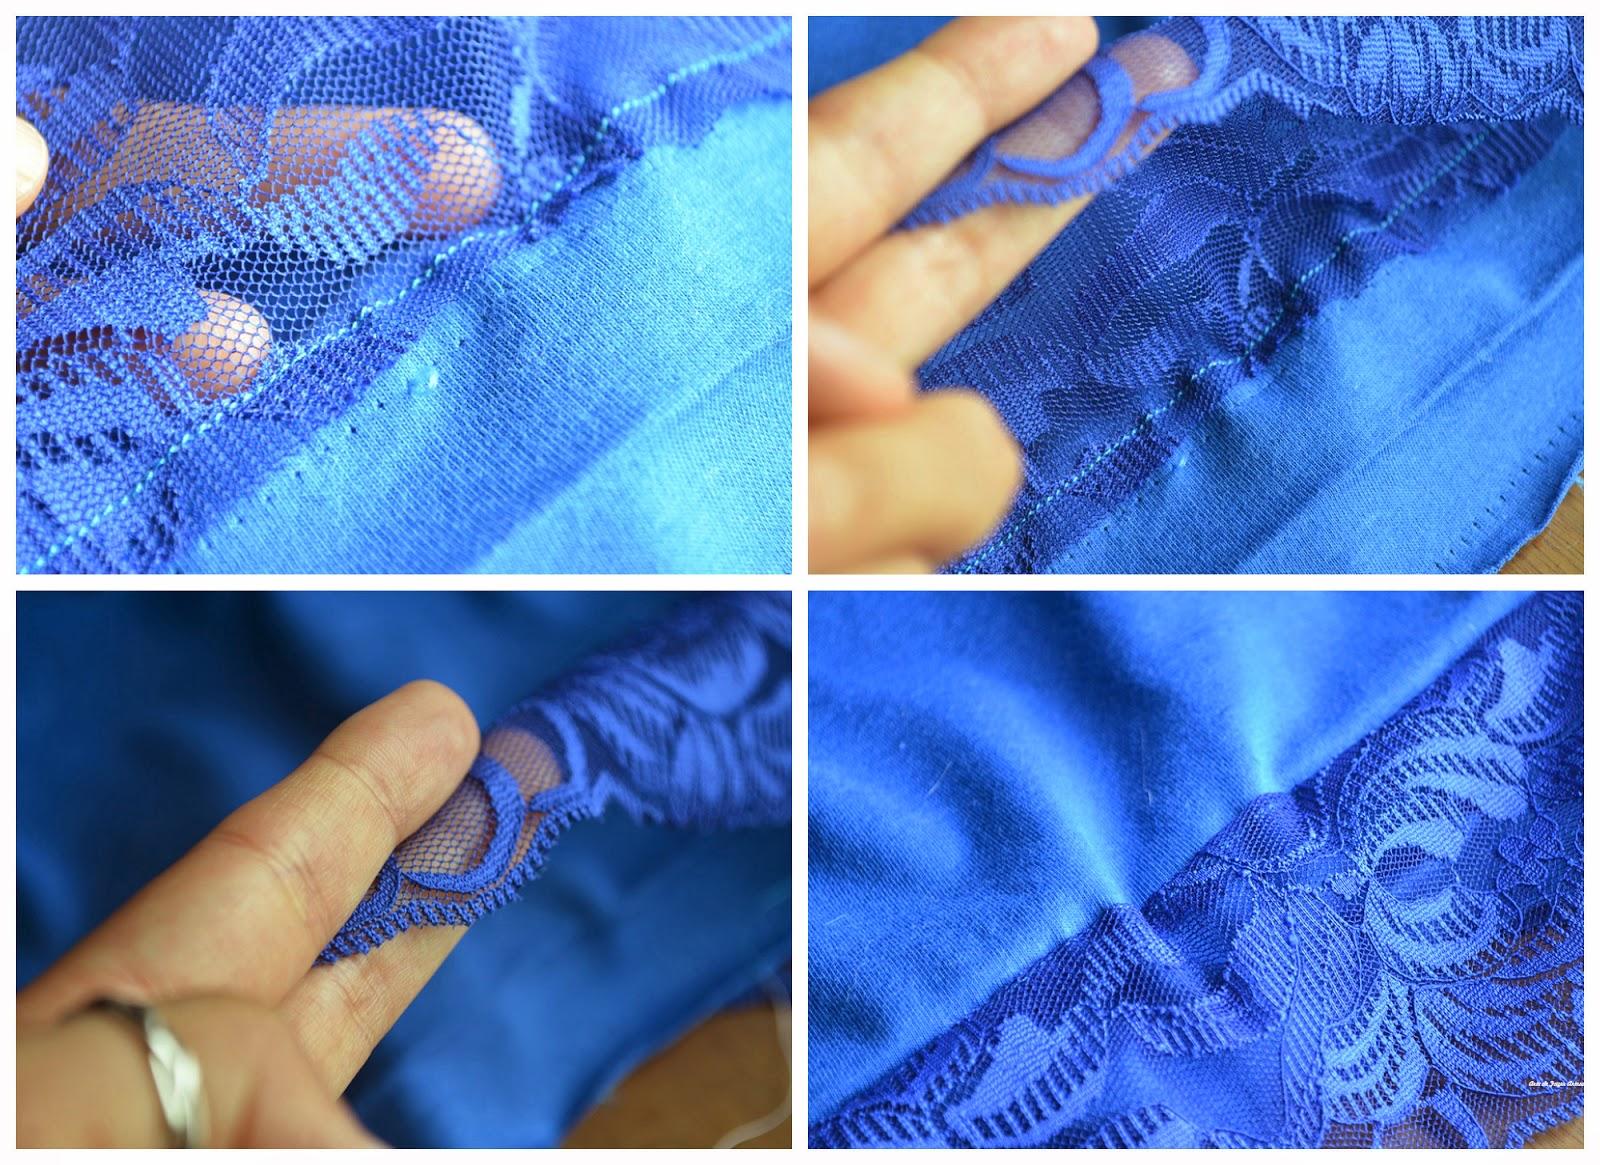 Camiseta Customizada como ficará a costura quando você virar